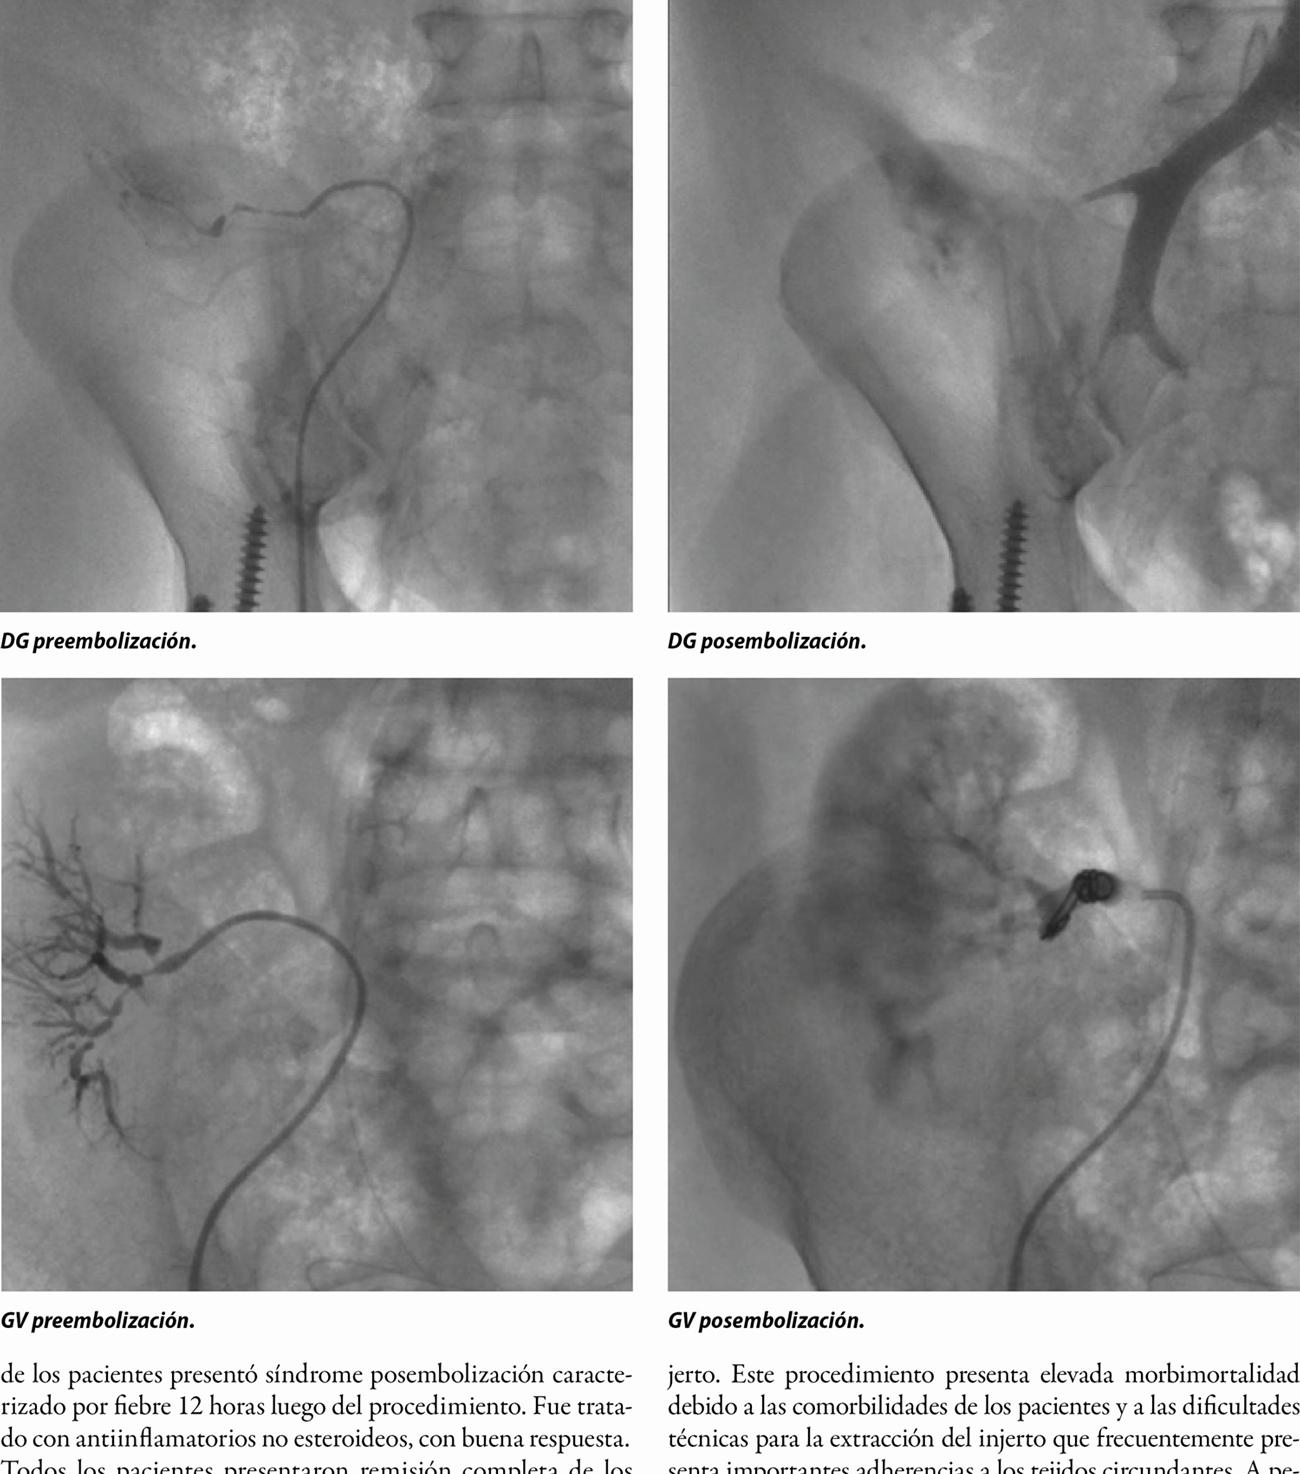 Embolización de trasplante renal no funcionante: experiencia inicial